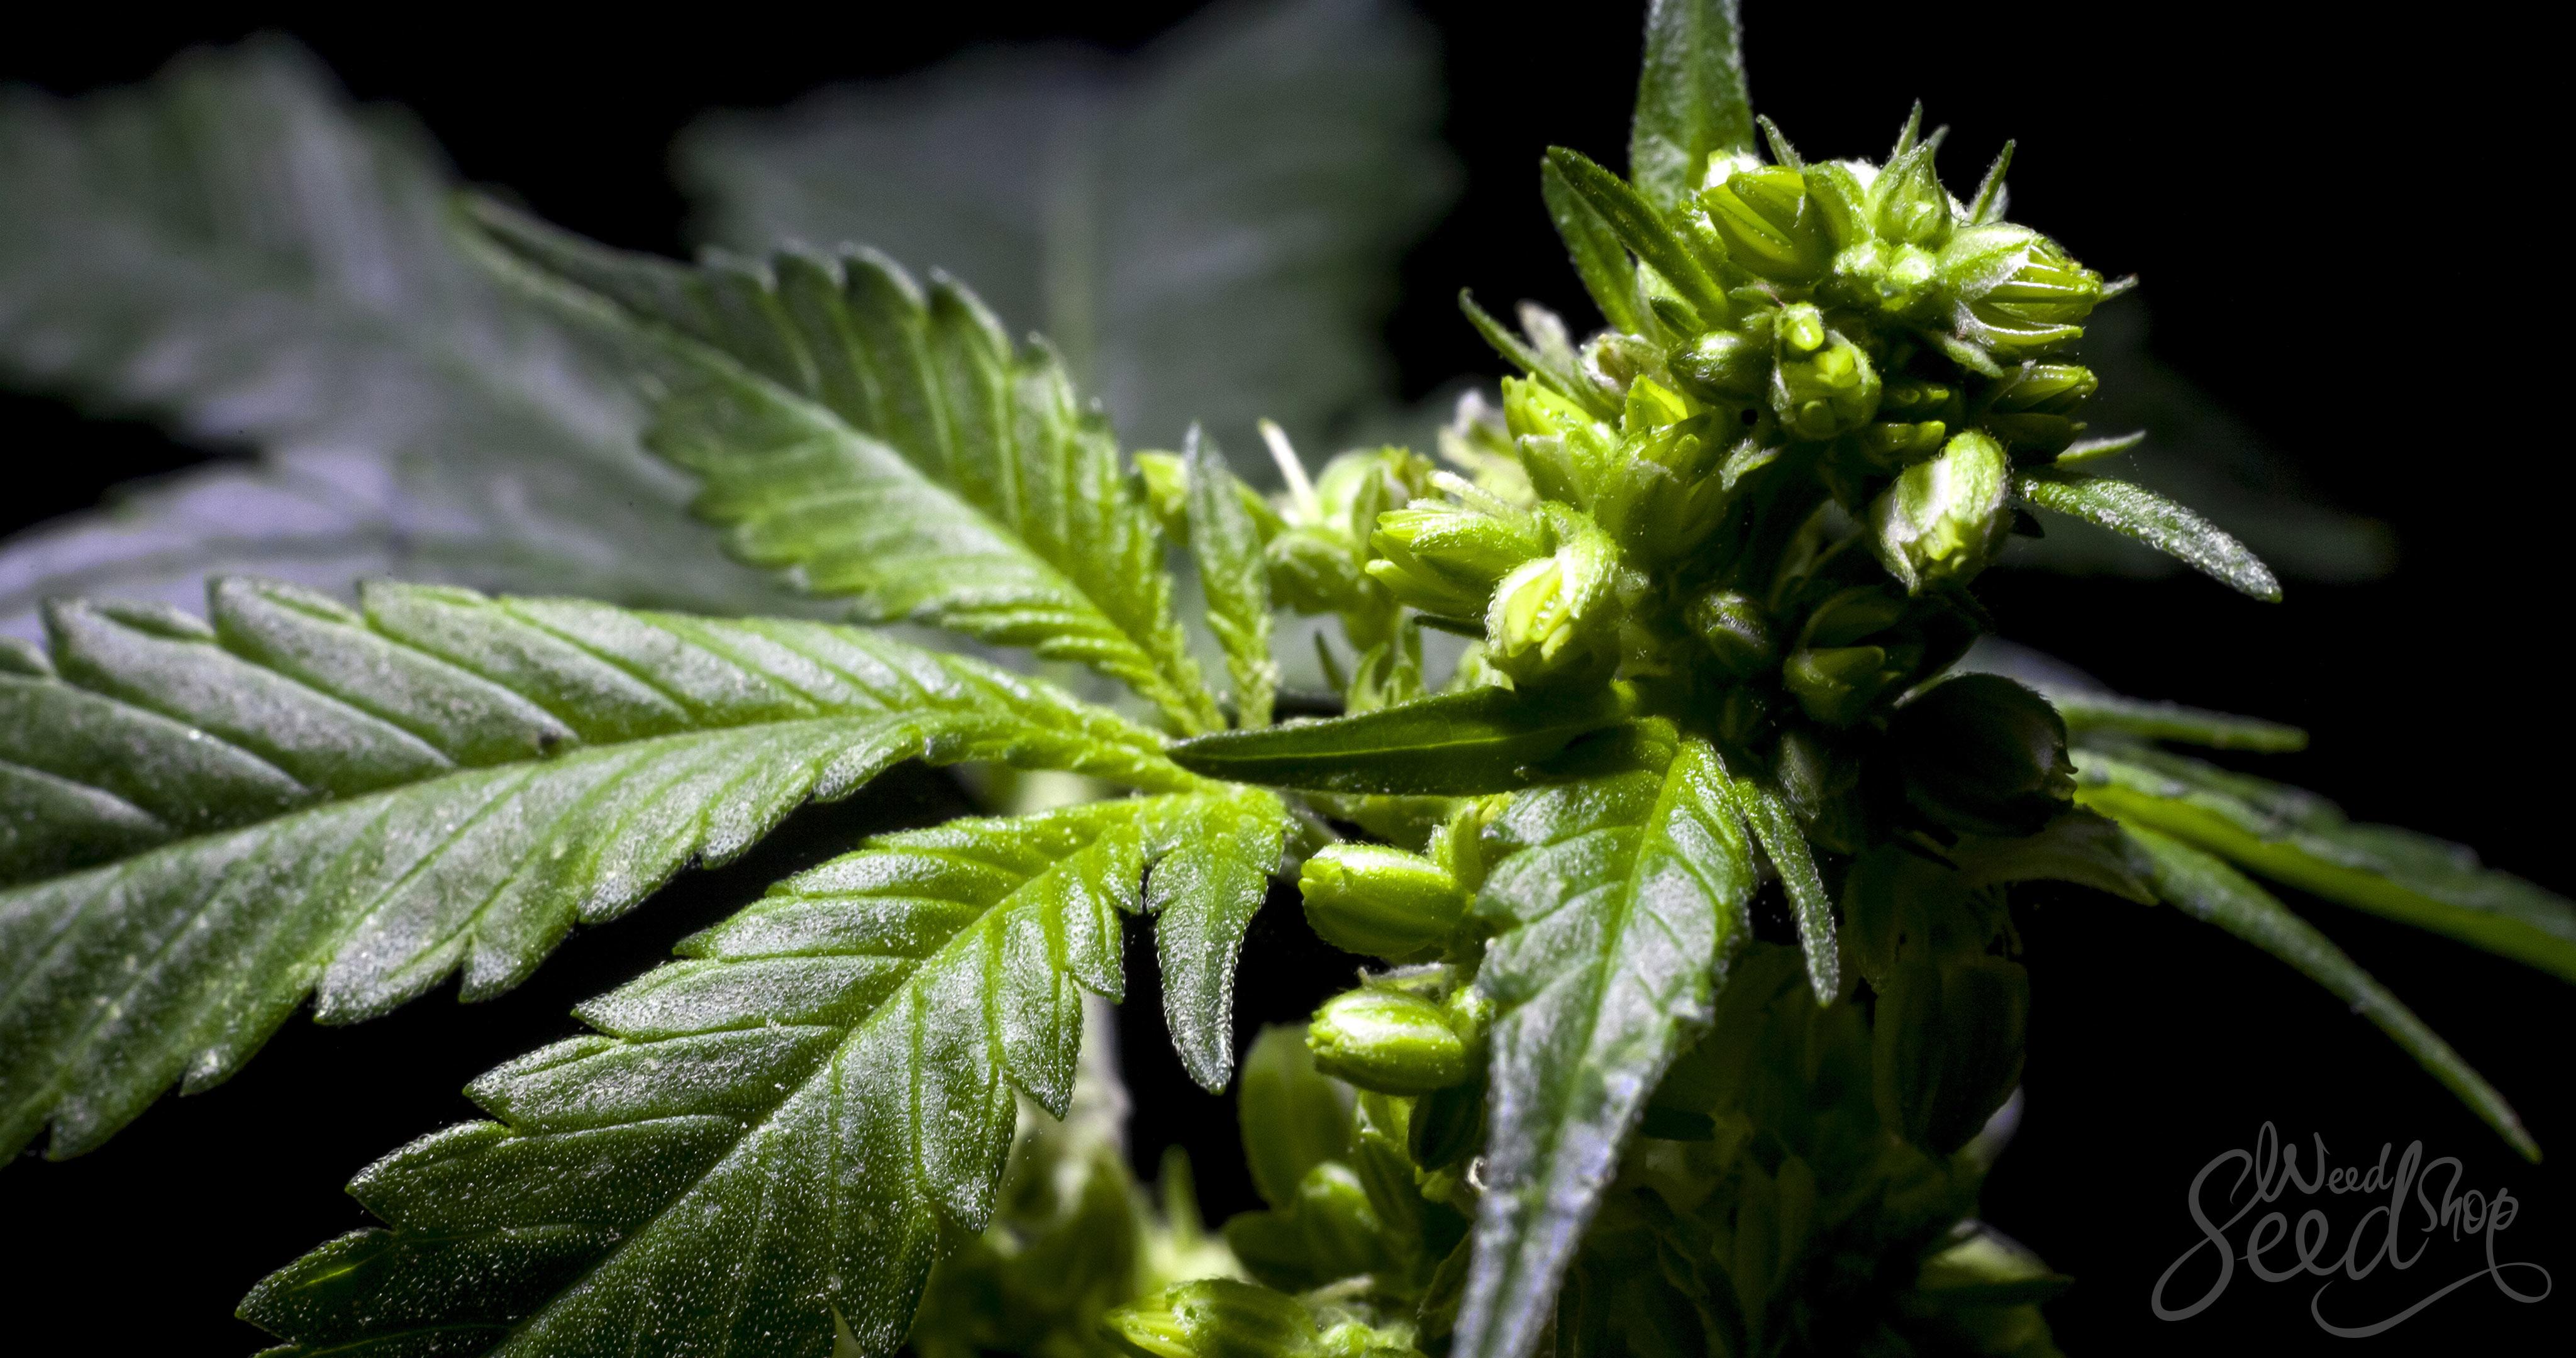 Männliche Pflanzen für die Zucht aussuchen - WeedSeedShop